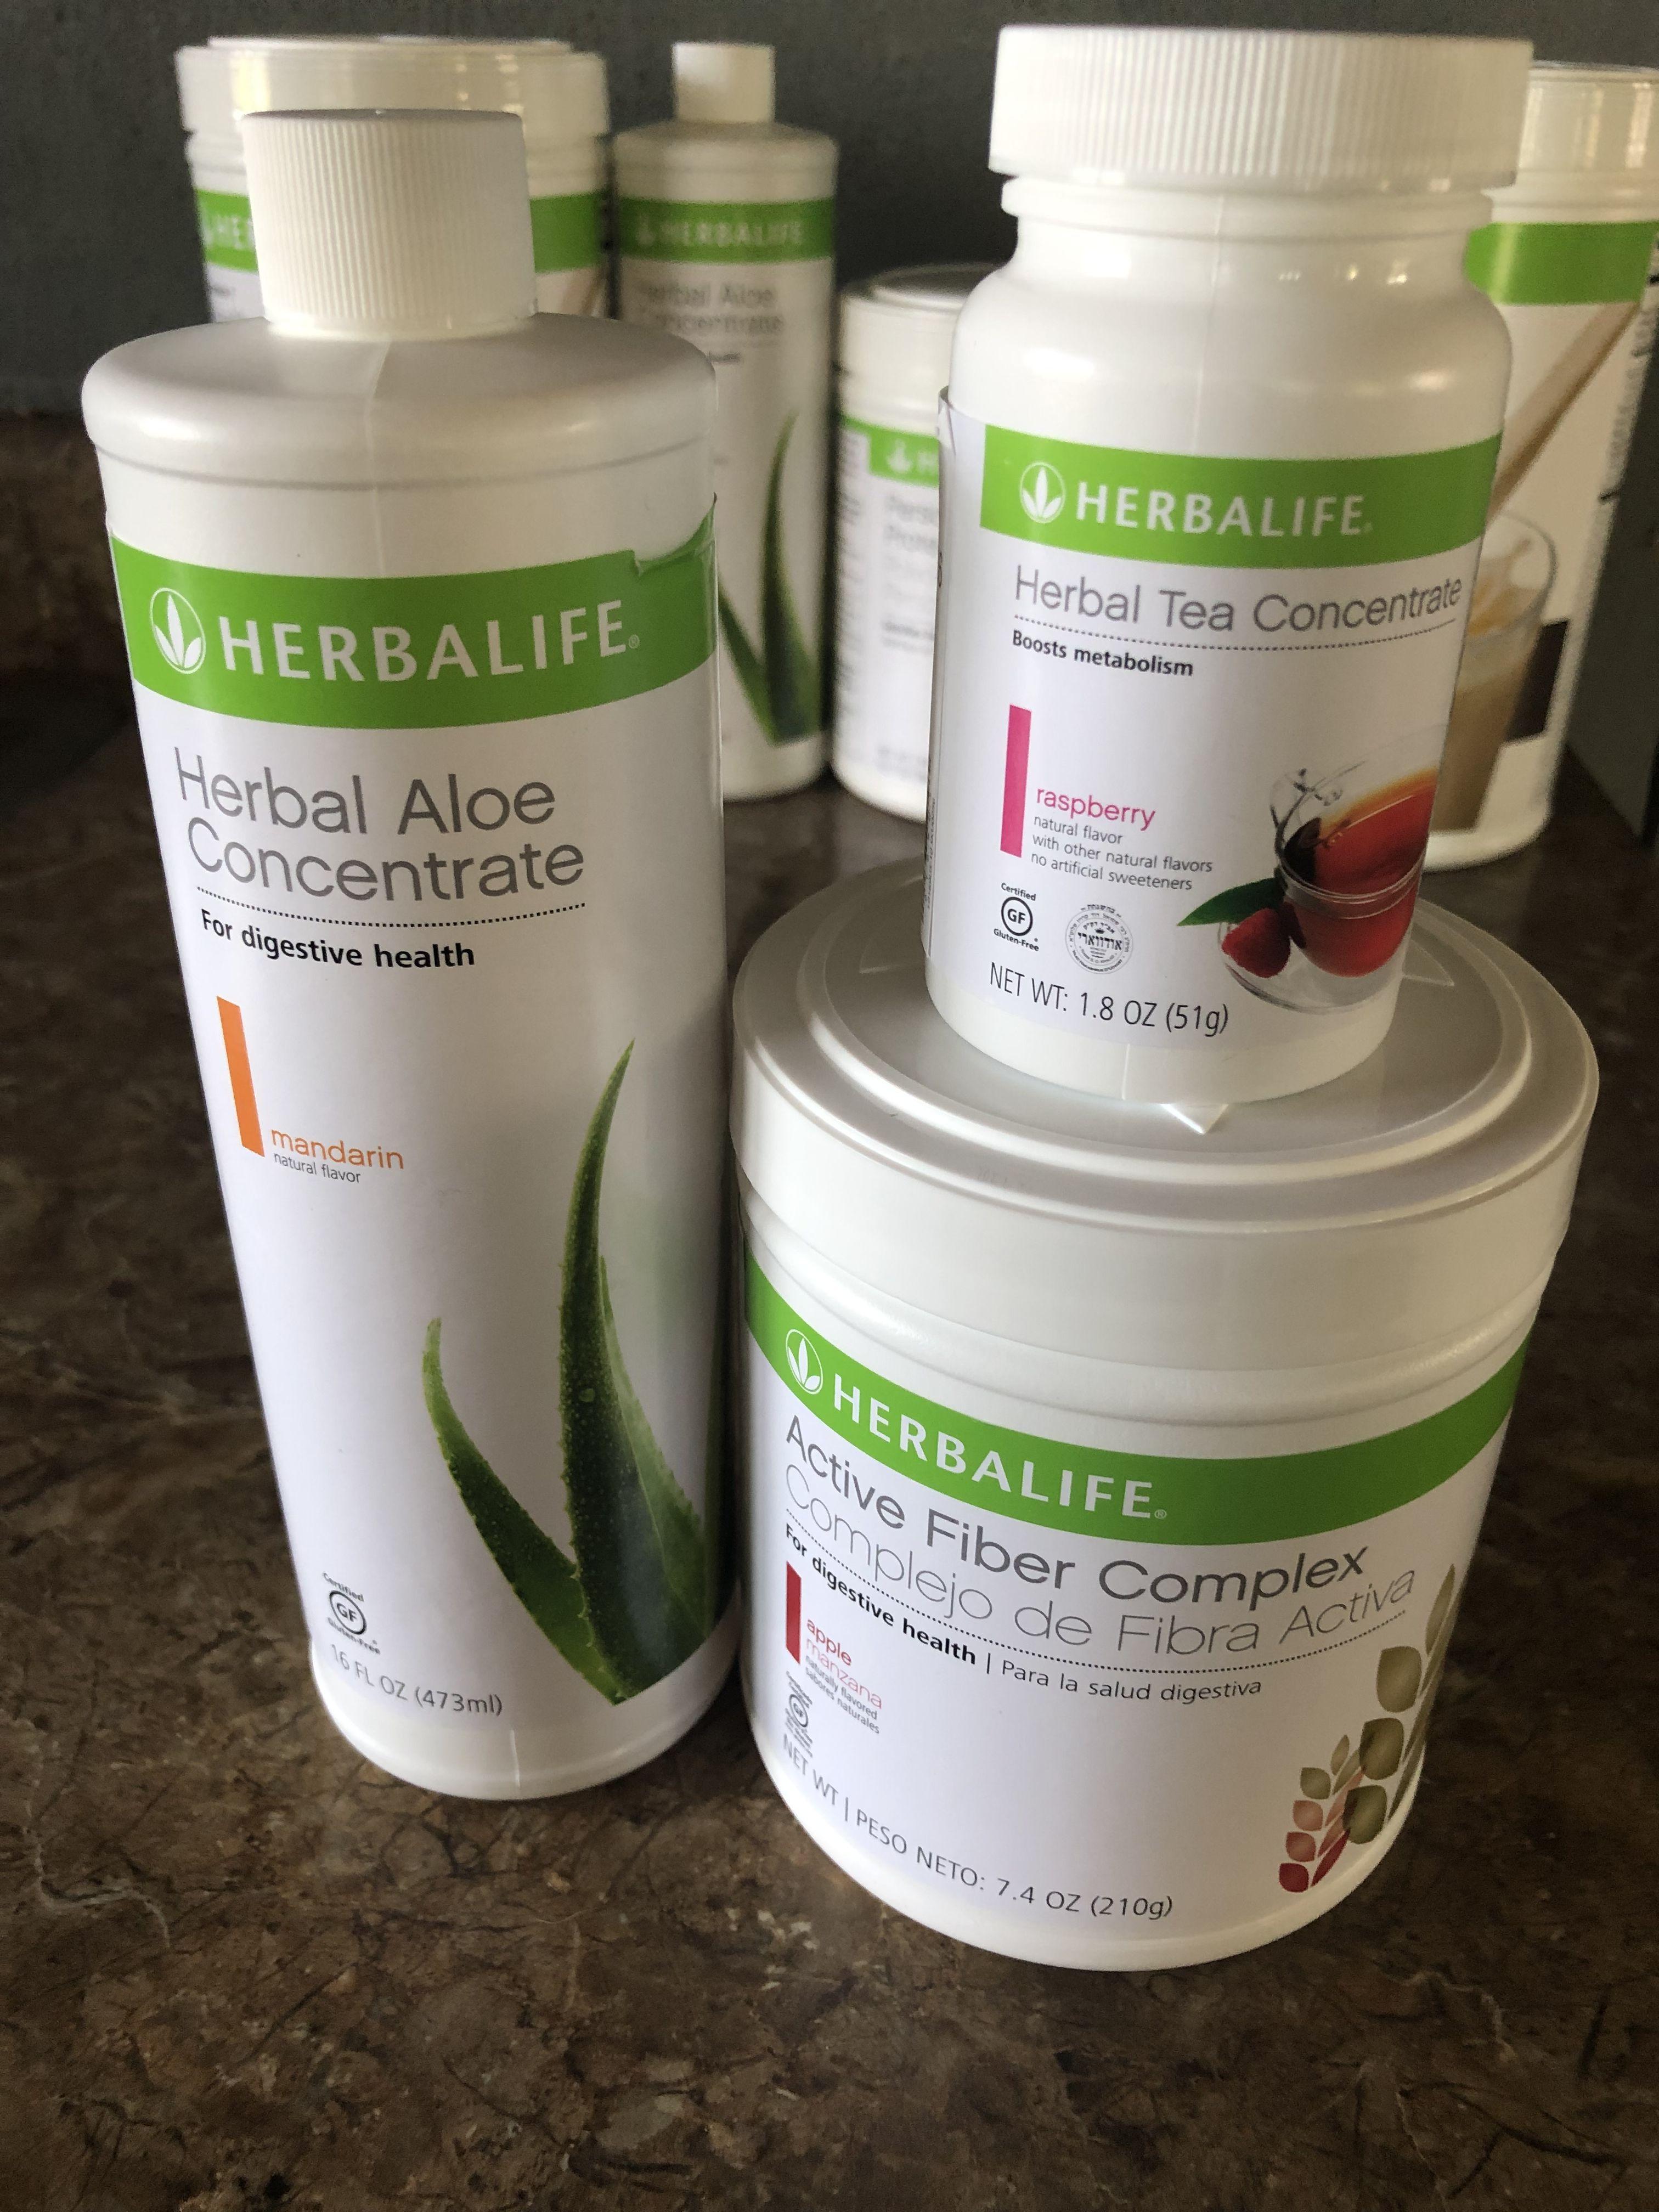 Herbalife Tea Kit Herbal Tea Concentrate Herbalife Herbalism